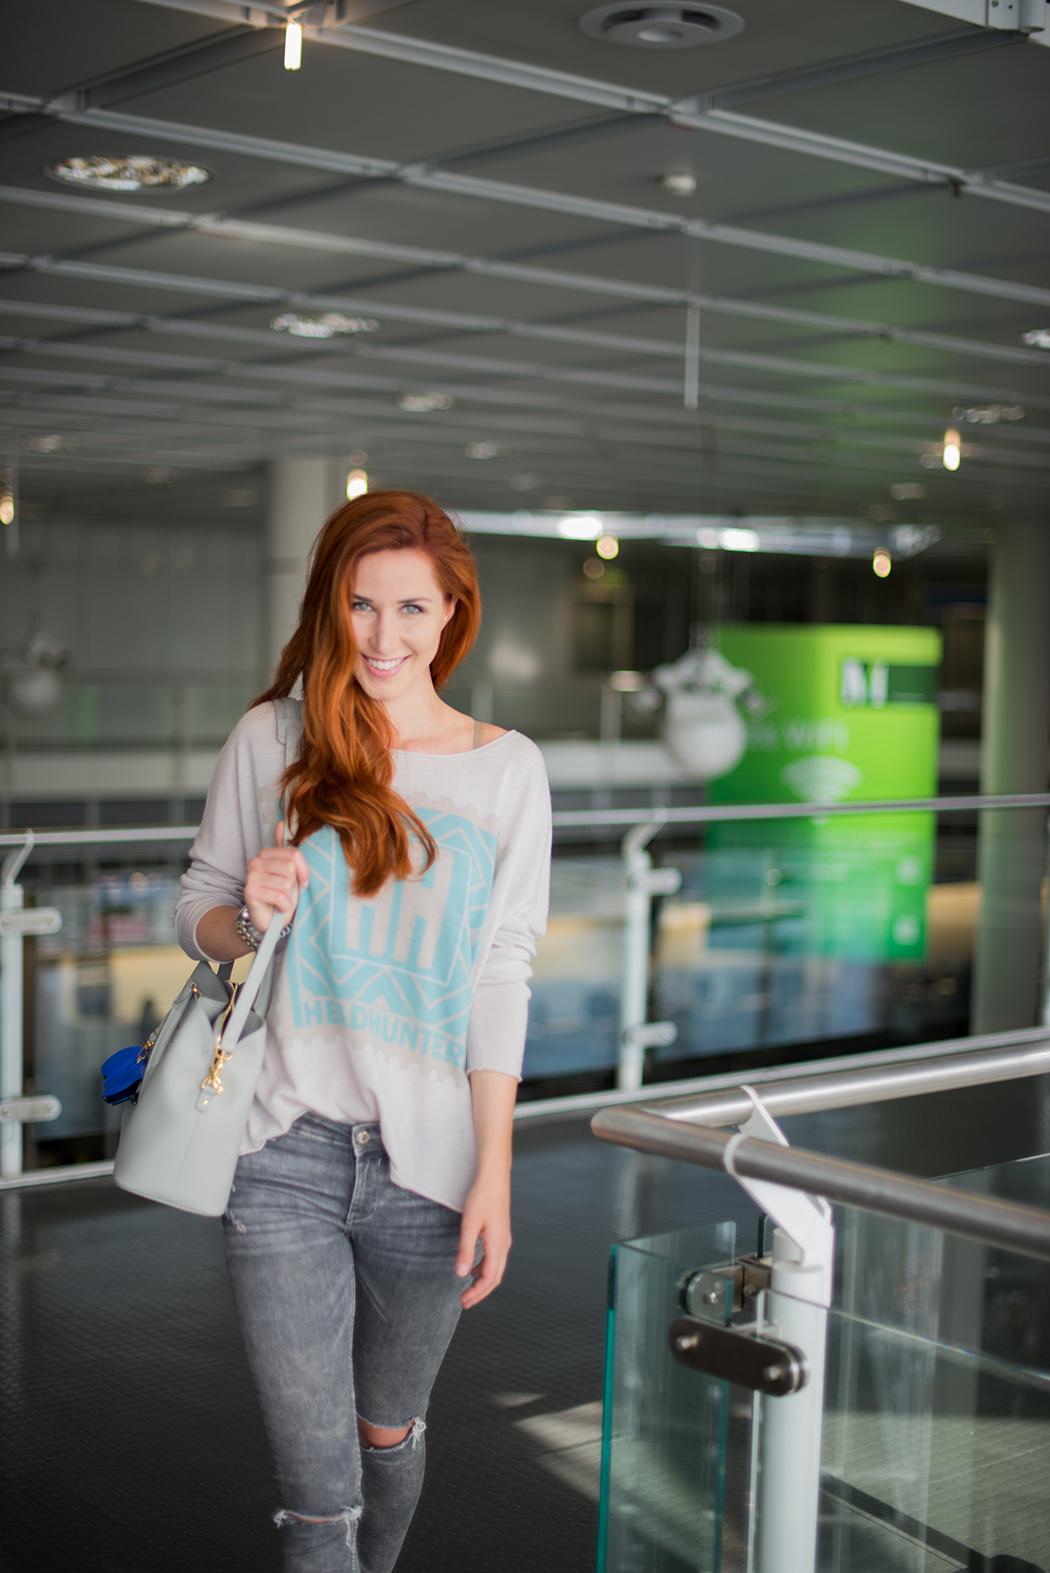 Headhunter-Pullover-ZXFlux-mint-orange-Fashionblog-Fashionblogger-München-Deutschland-Blog-Fashion-Lifestyle-Lifestyleblog-Fitnessblog-Fitness-Blog-Lindarella-3